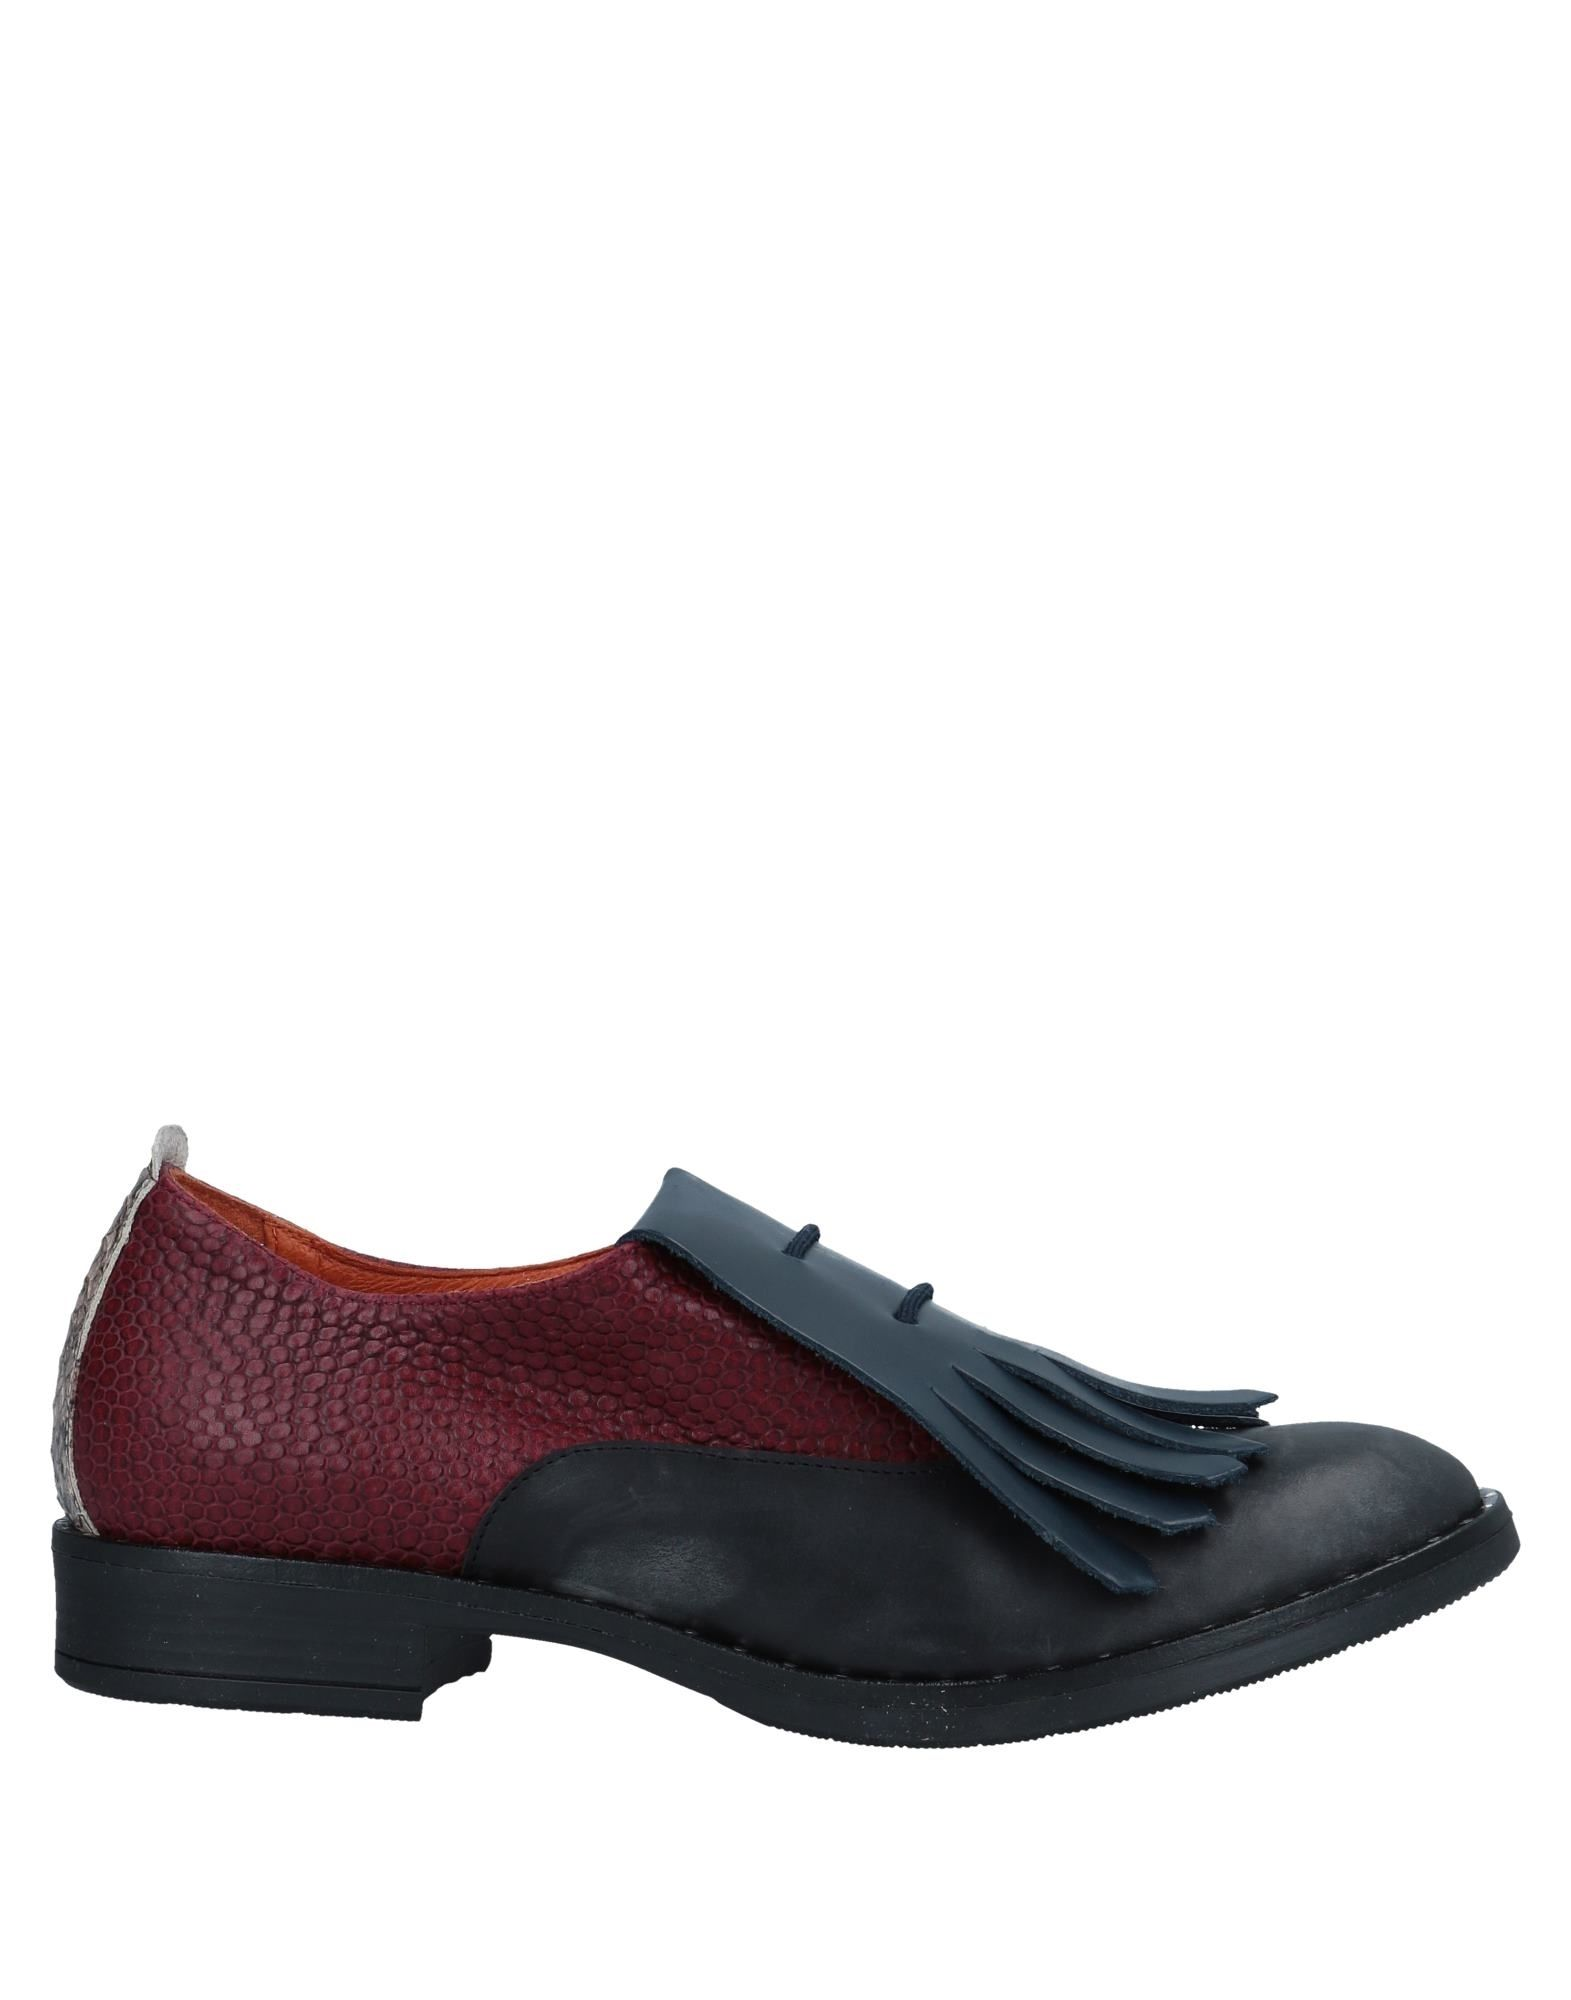 Stringate Ebarrito Donna - 11547945CO elegante